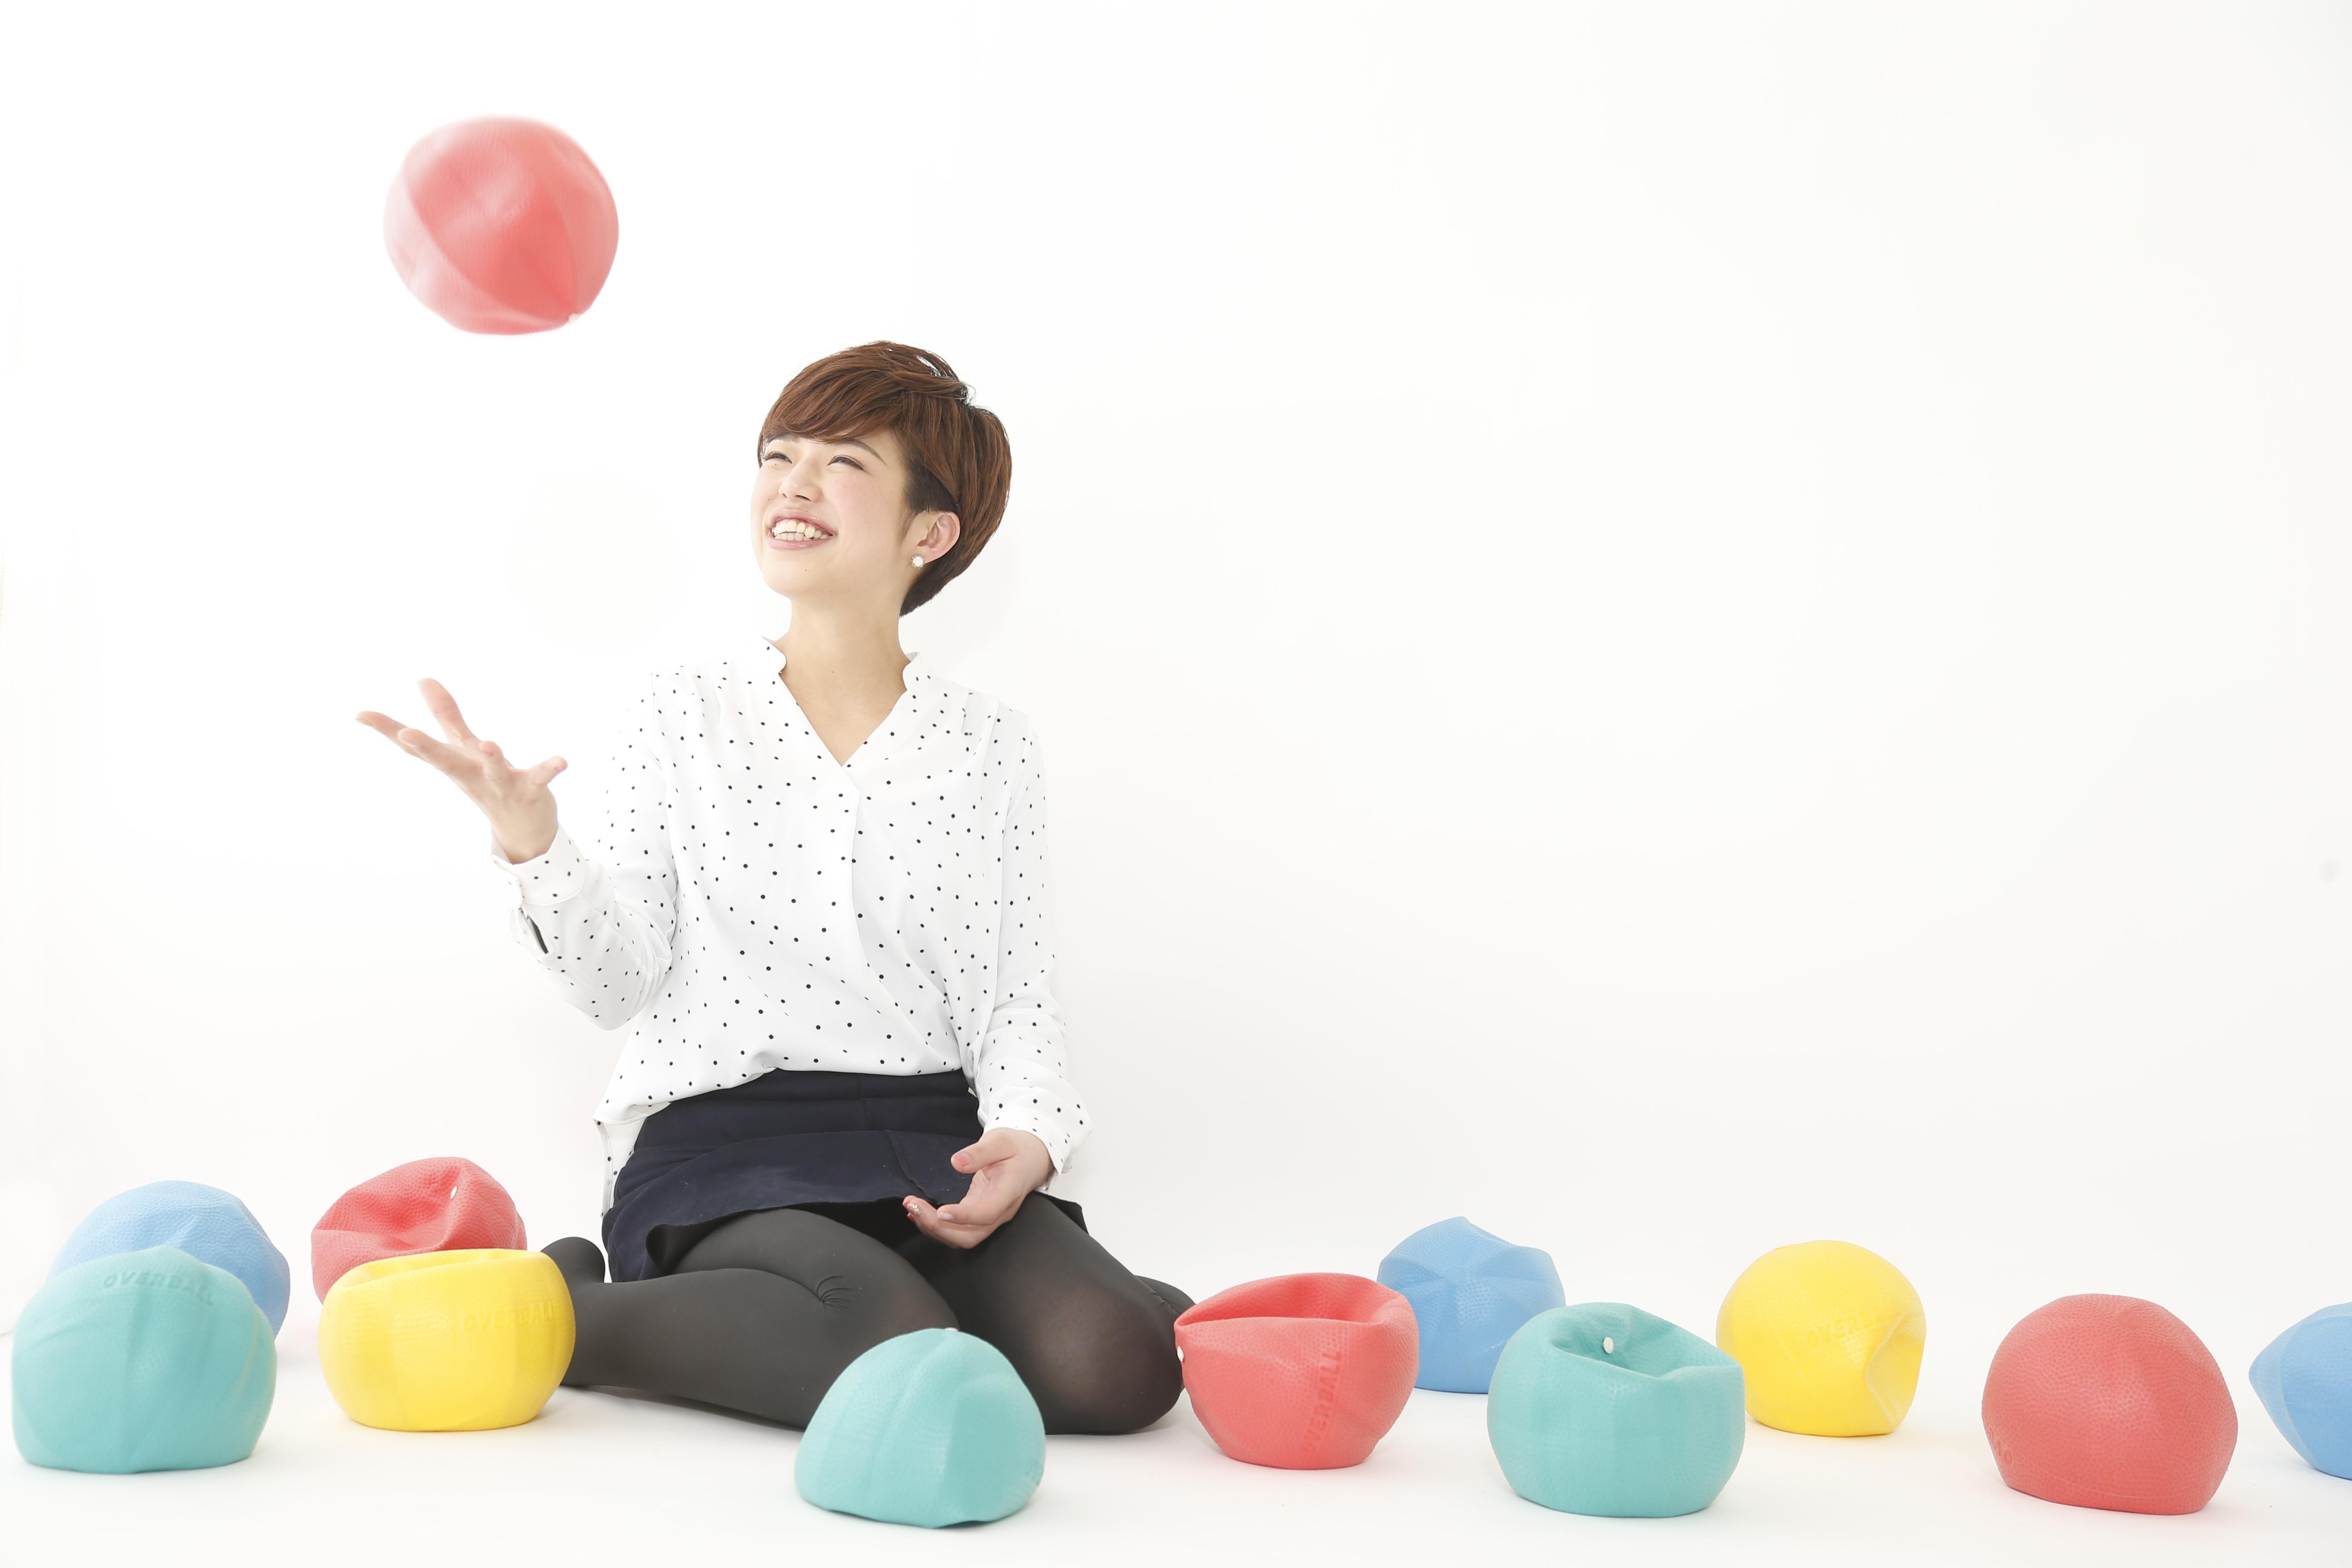 プロフィール⑥ ボール